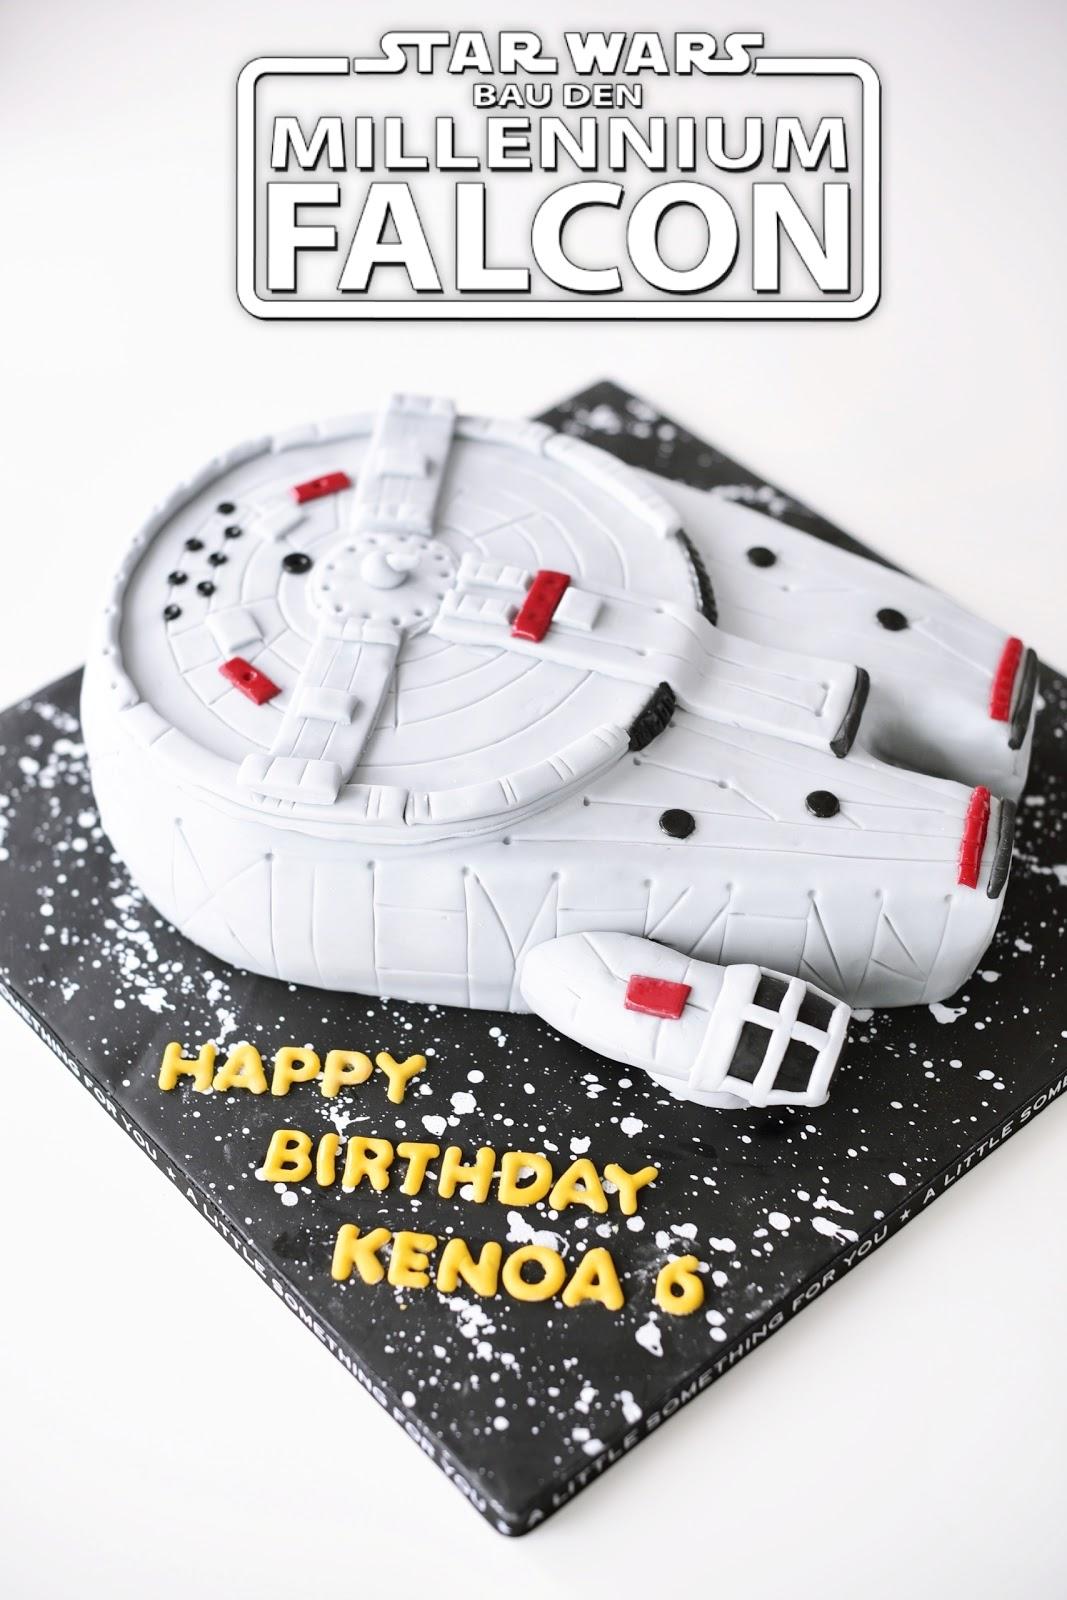 Star wars kuchen raumschiff